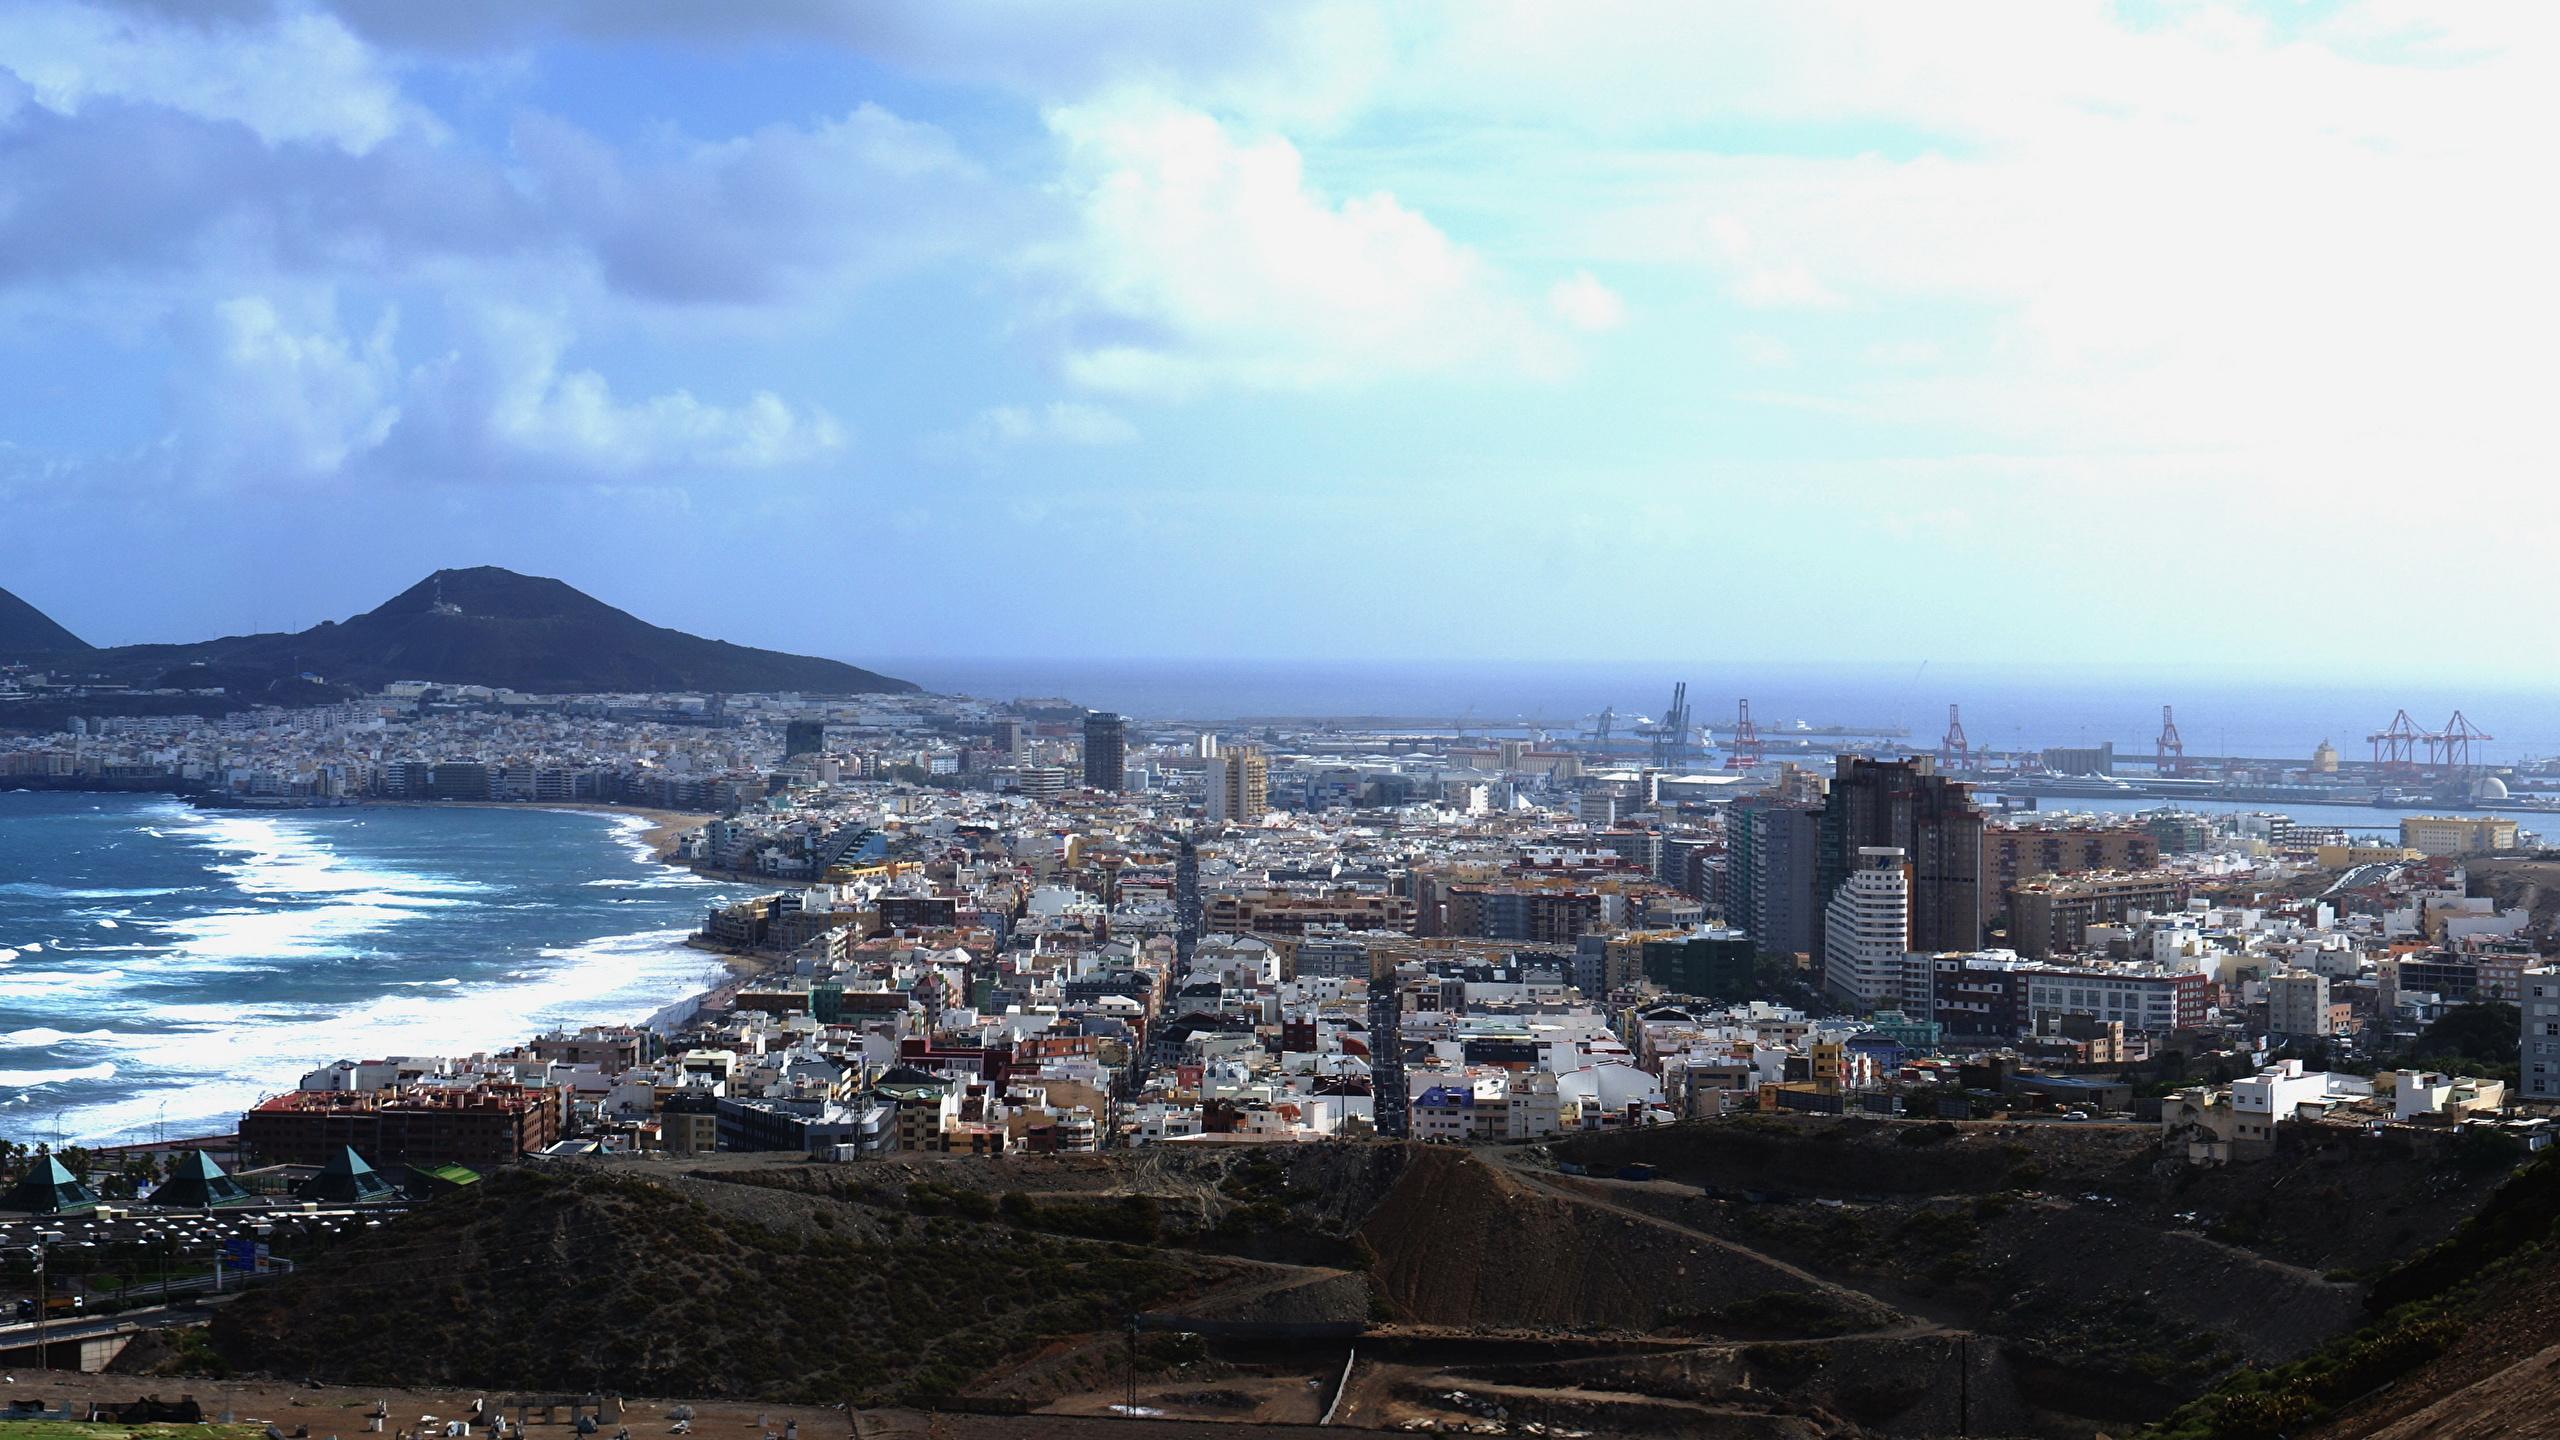 Palmas de Canaría